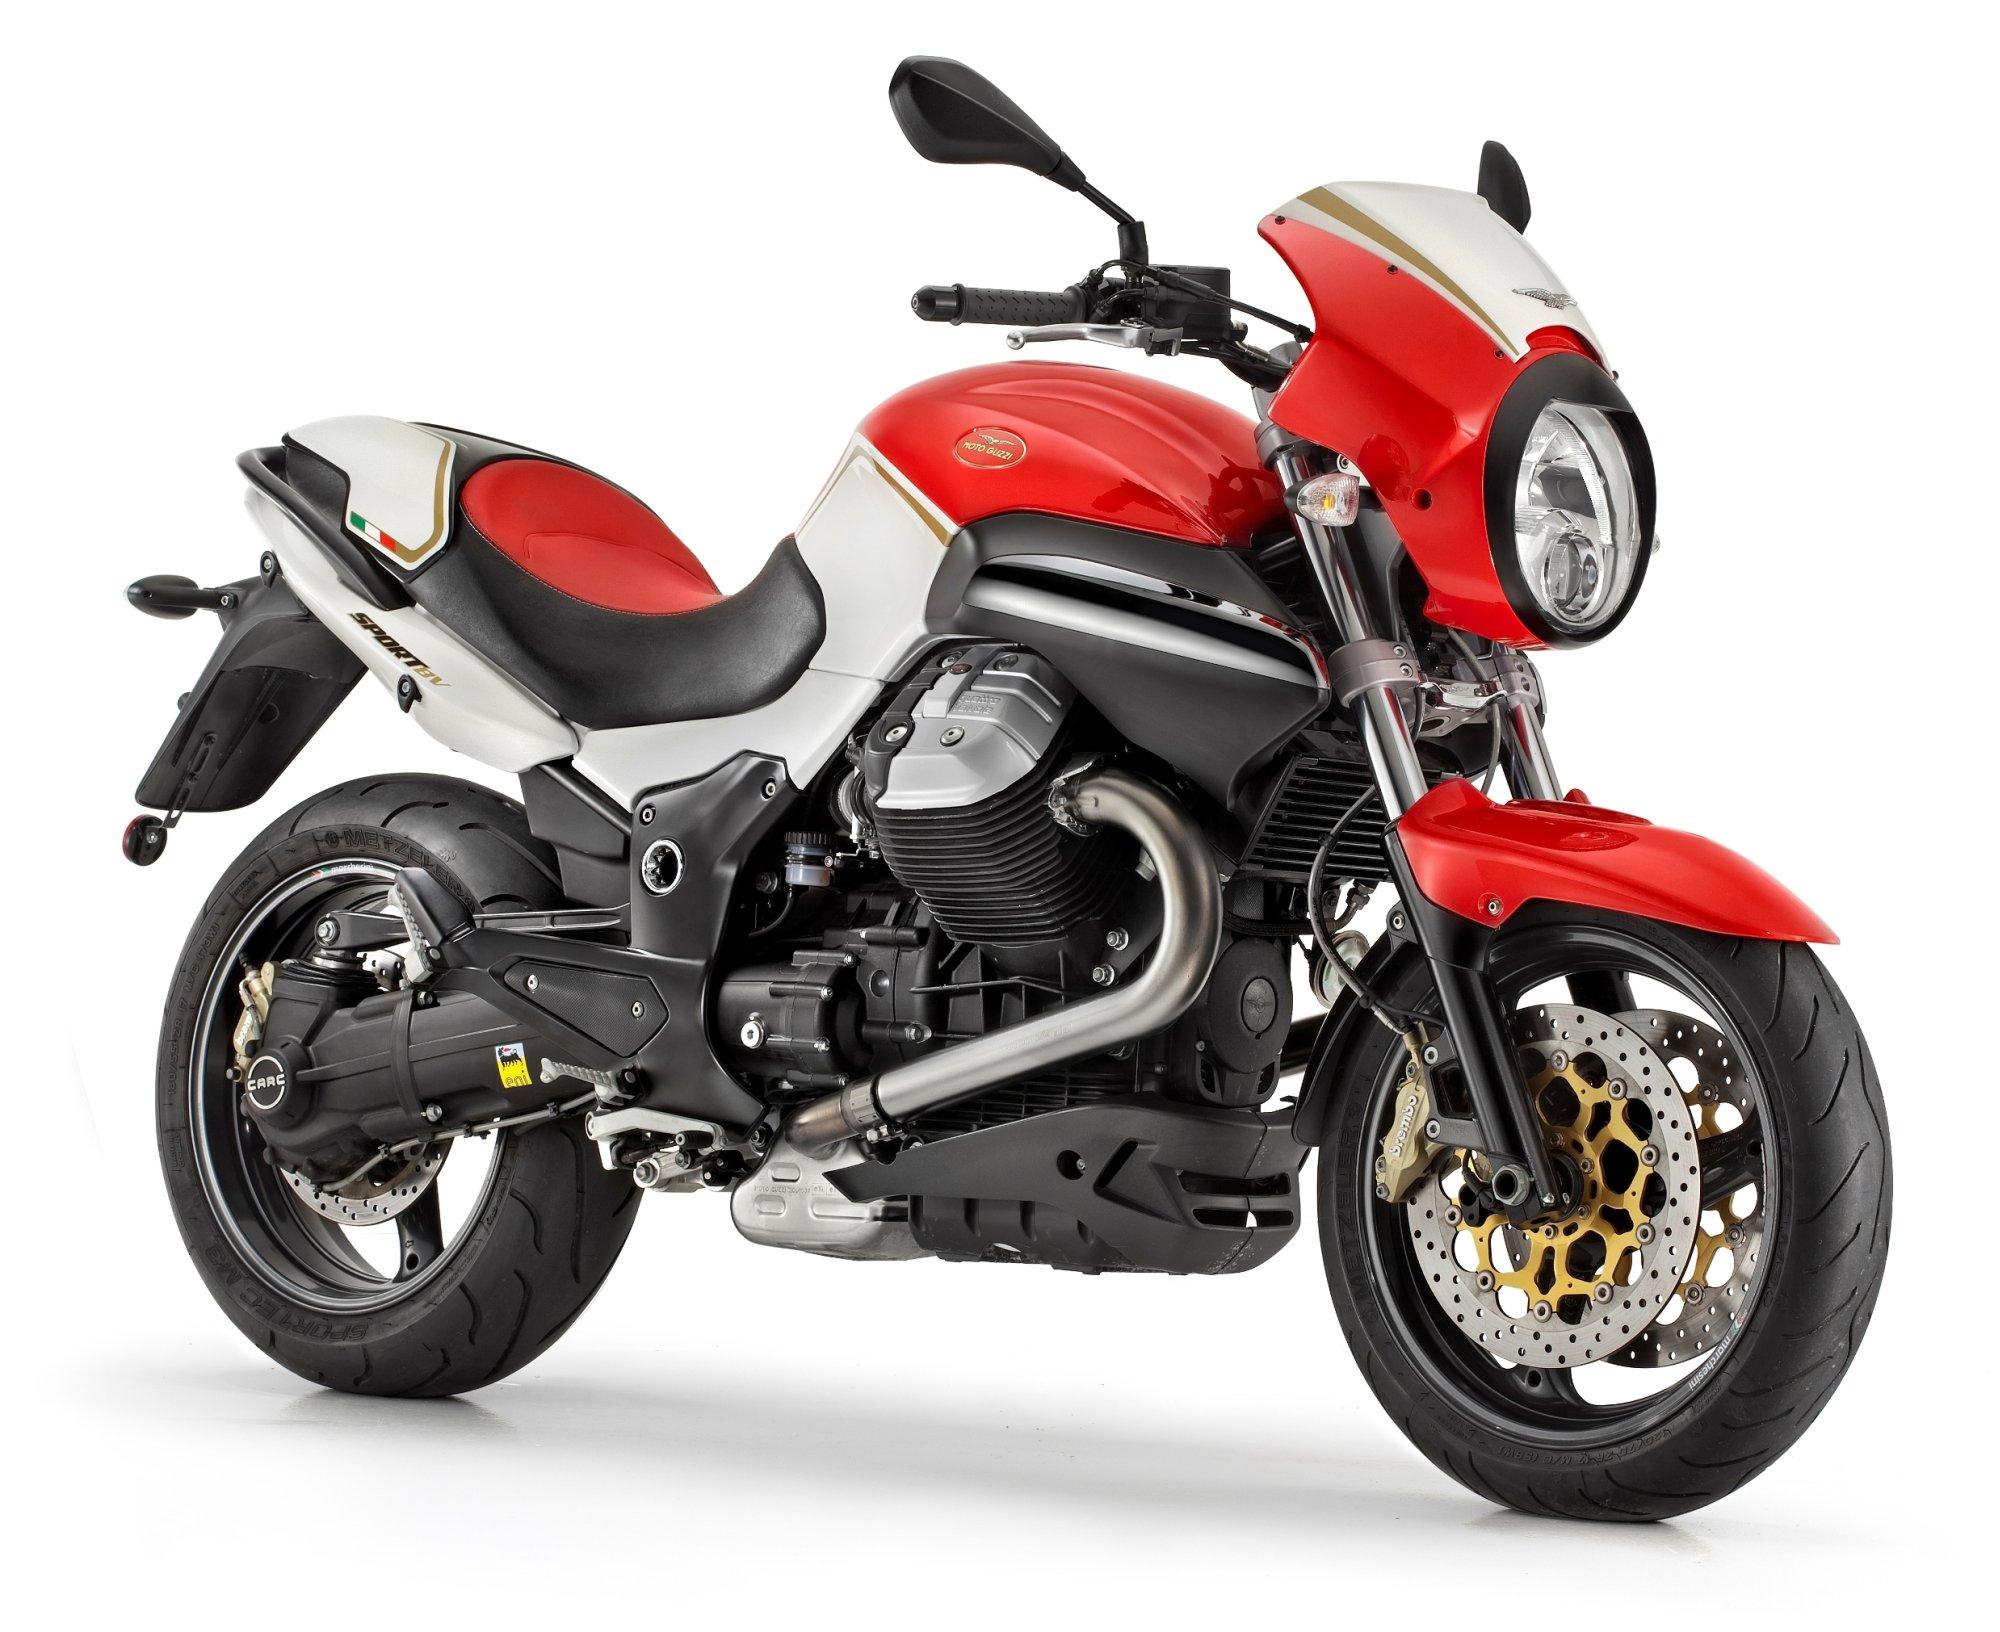 gebrauchte und neue moto guzzi 1200 sport corsa 4v motorr der kaufen. Black Bedroom Furniture Sets. Home Design Ideas